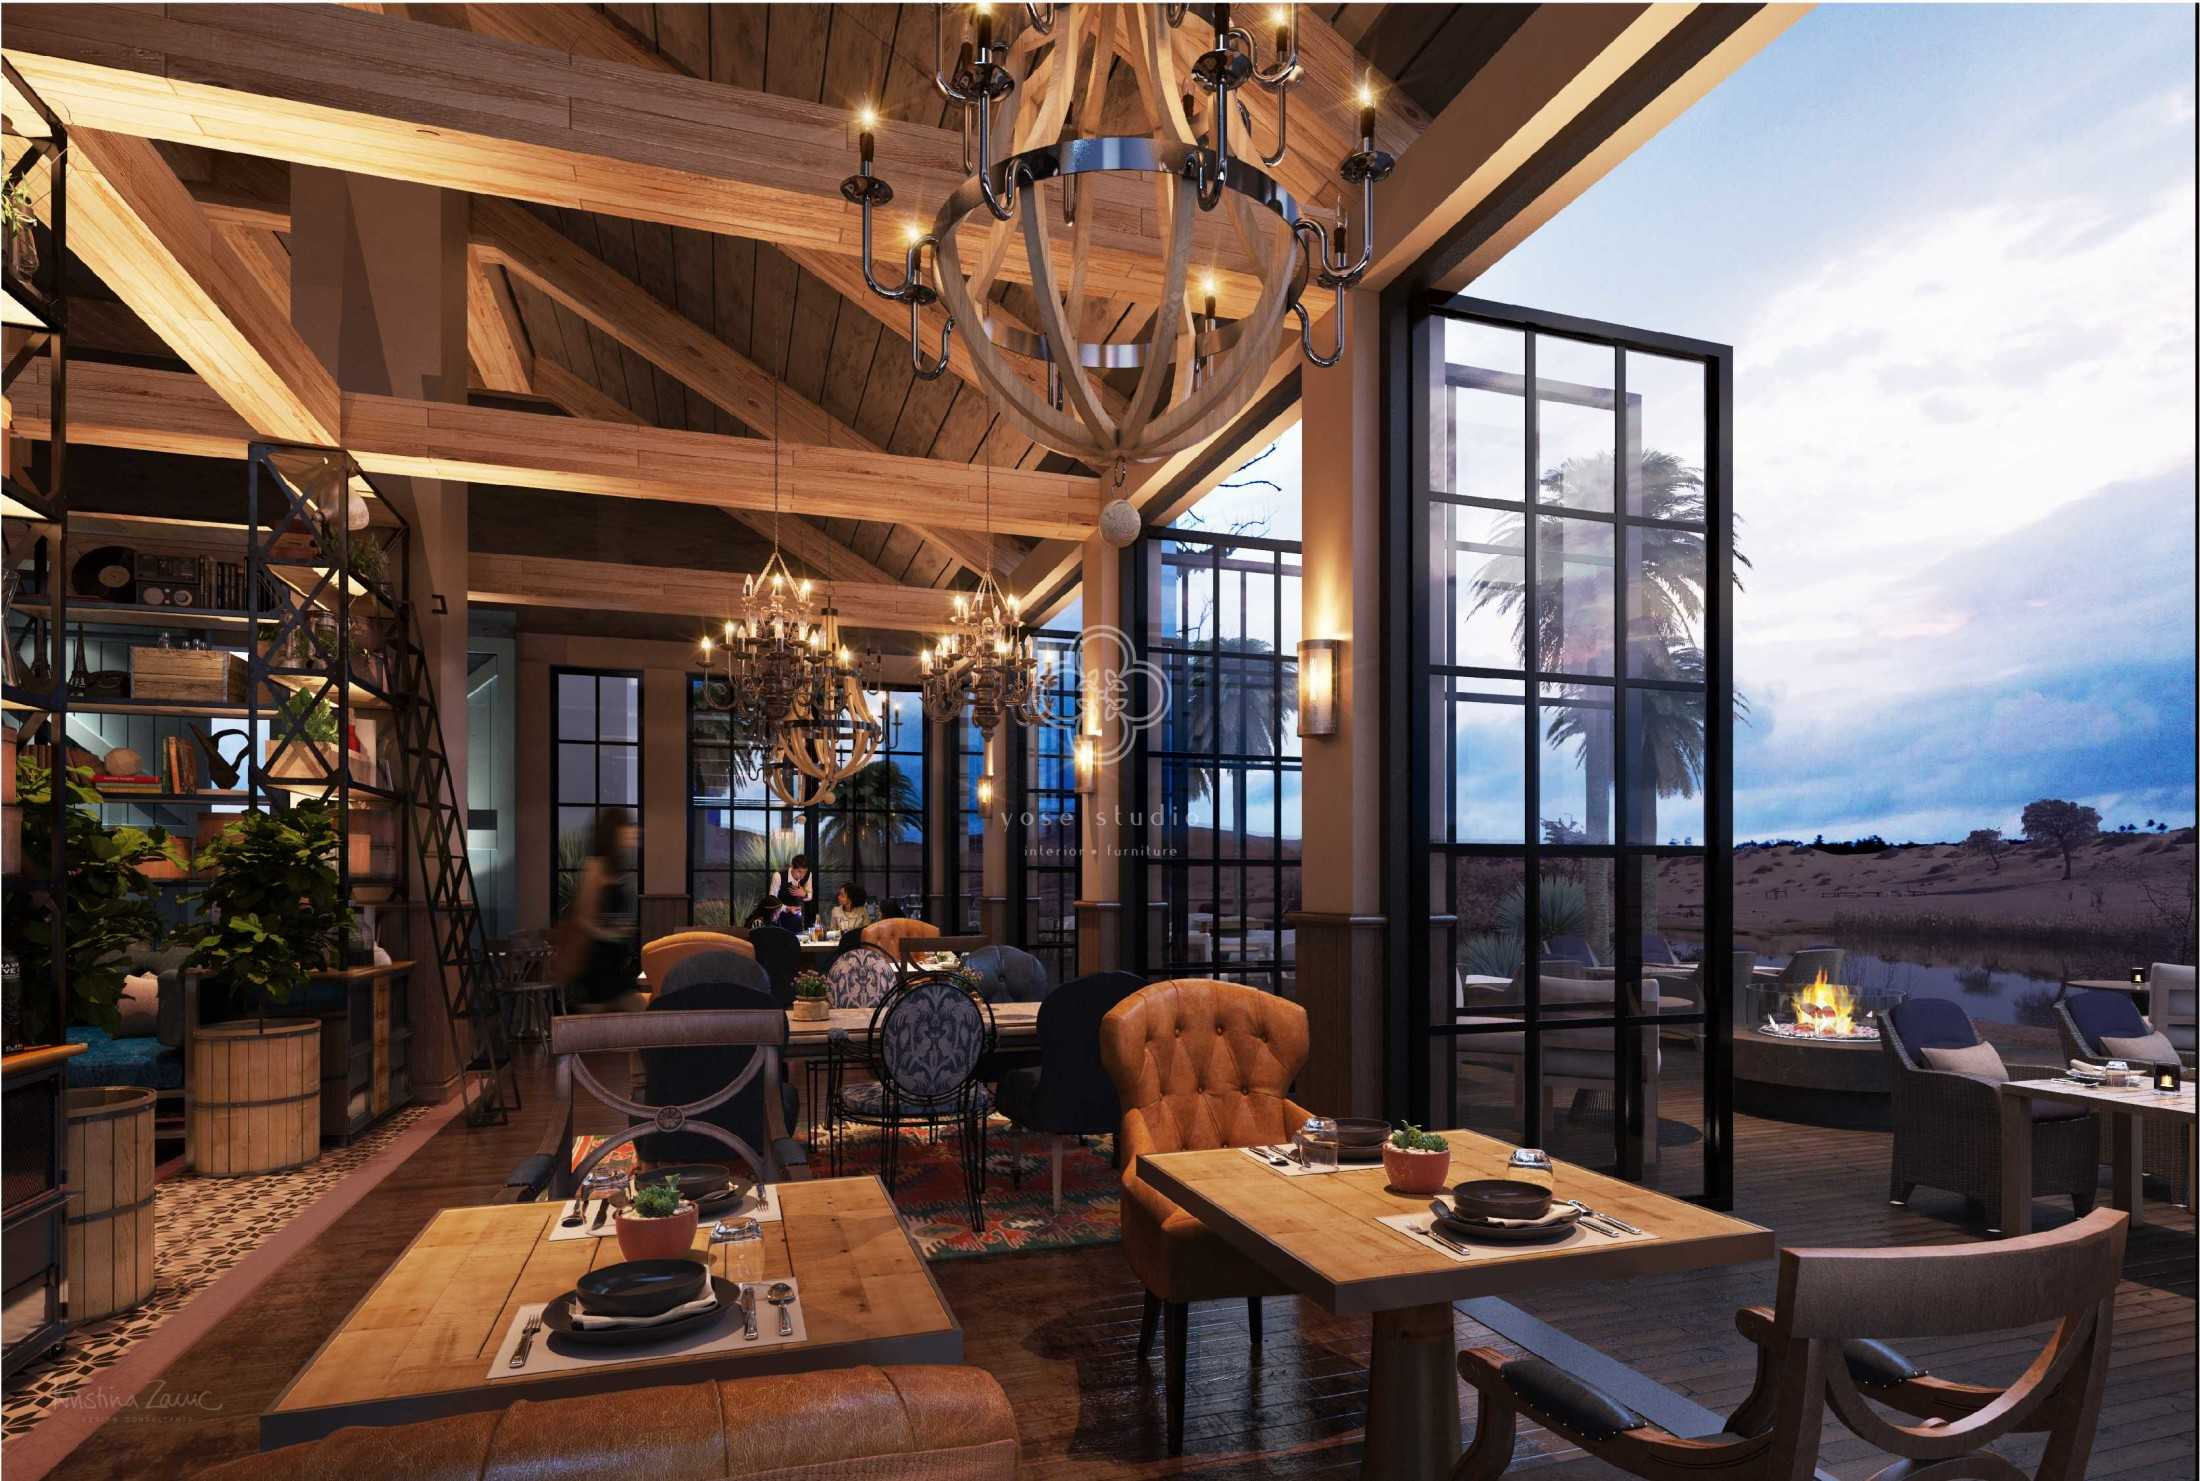 Yose Studio Ritz Carlton Al Wadi Uni Emirat Arab Uni Emirat Arab Yose-Studio-Ritz-Carlton-Al-Wadi  109786